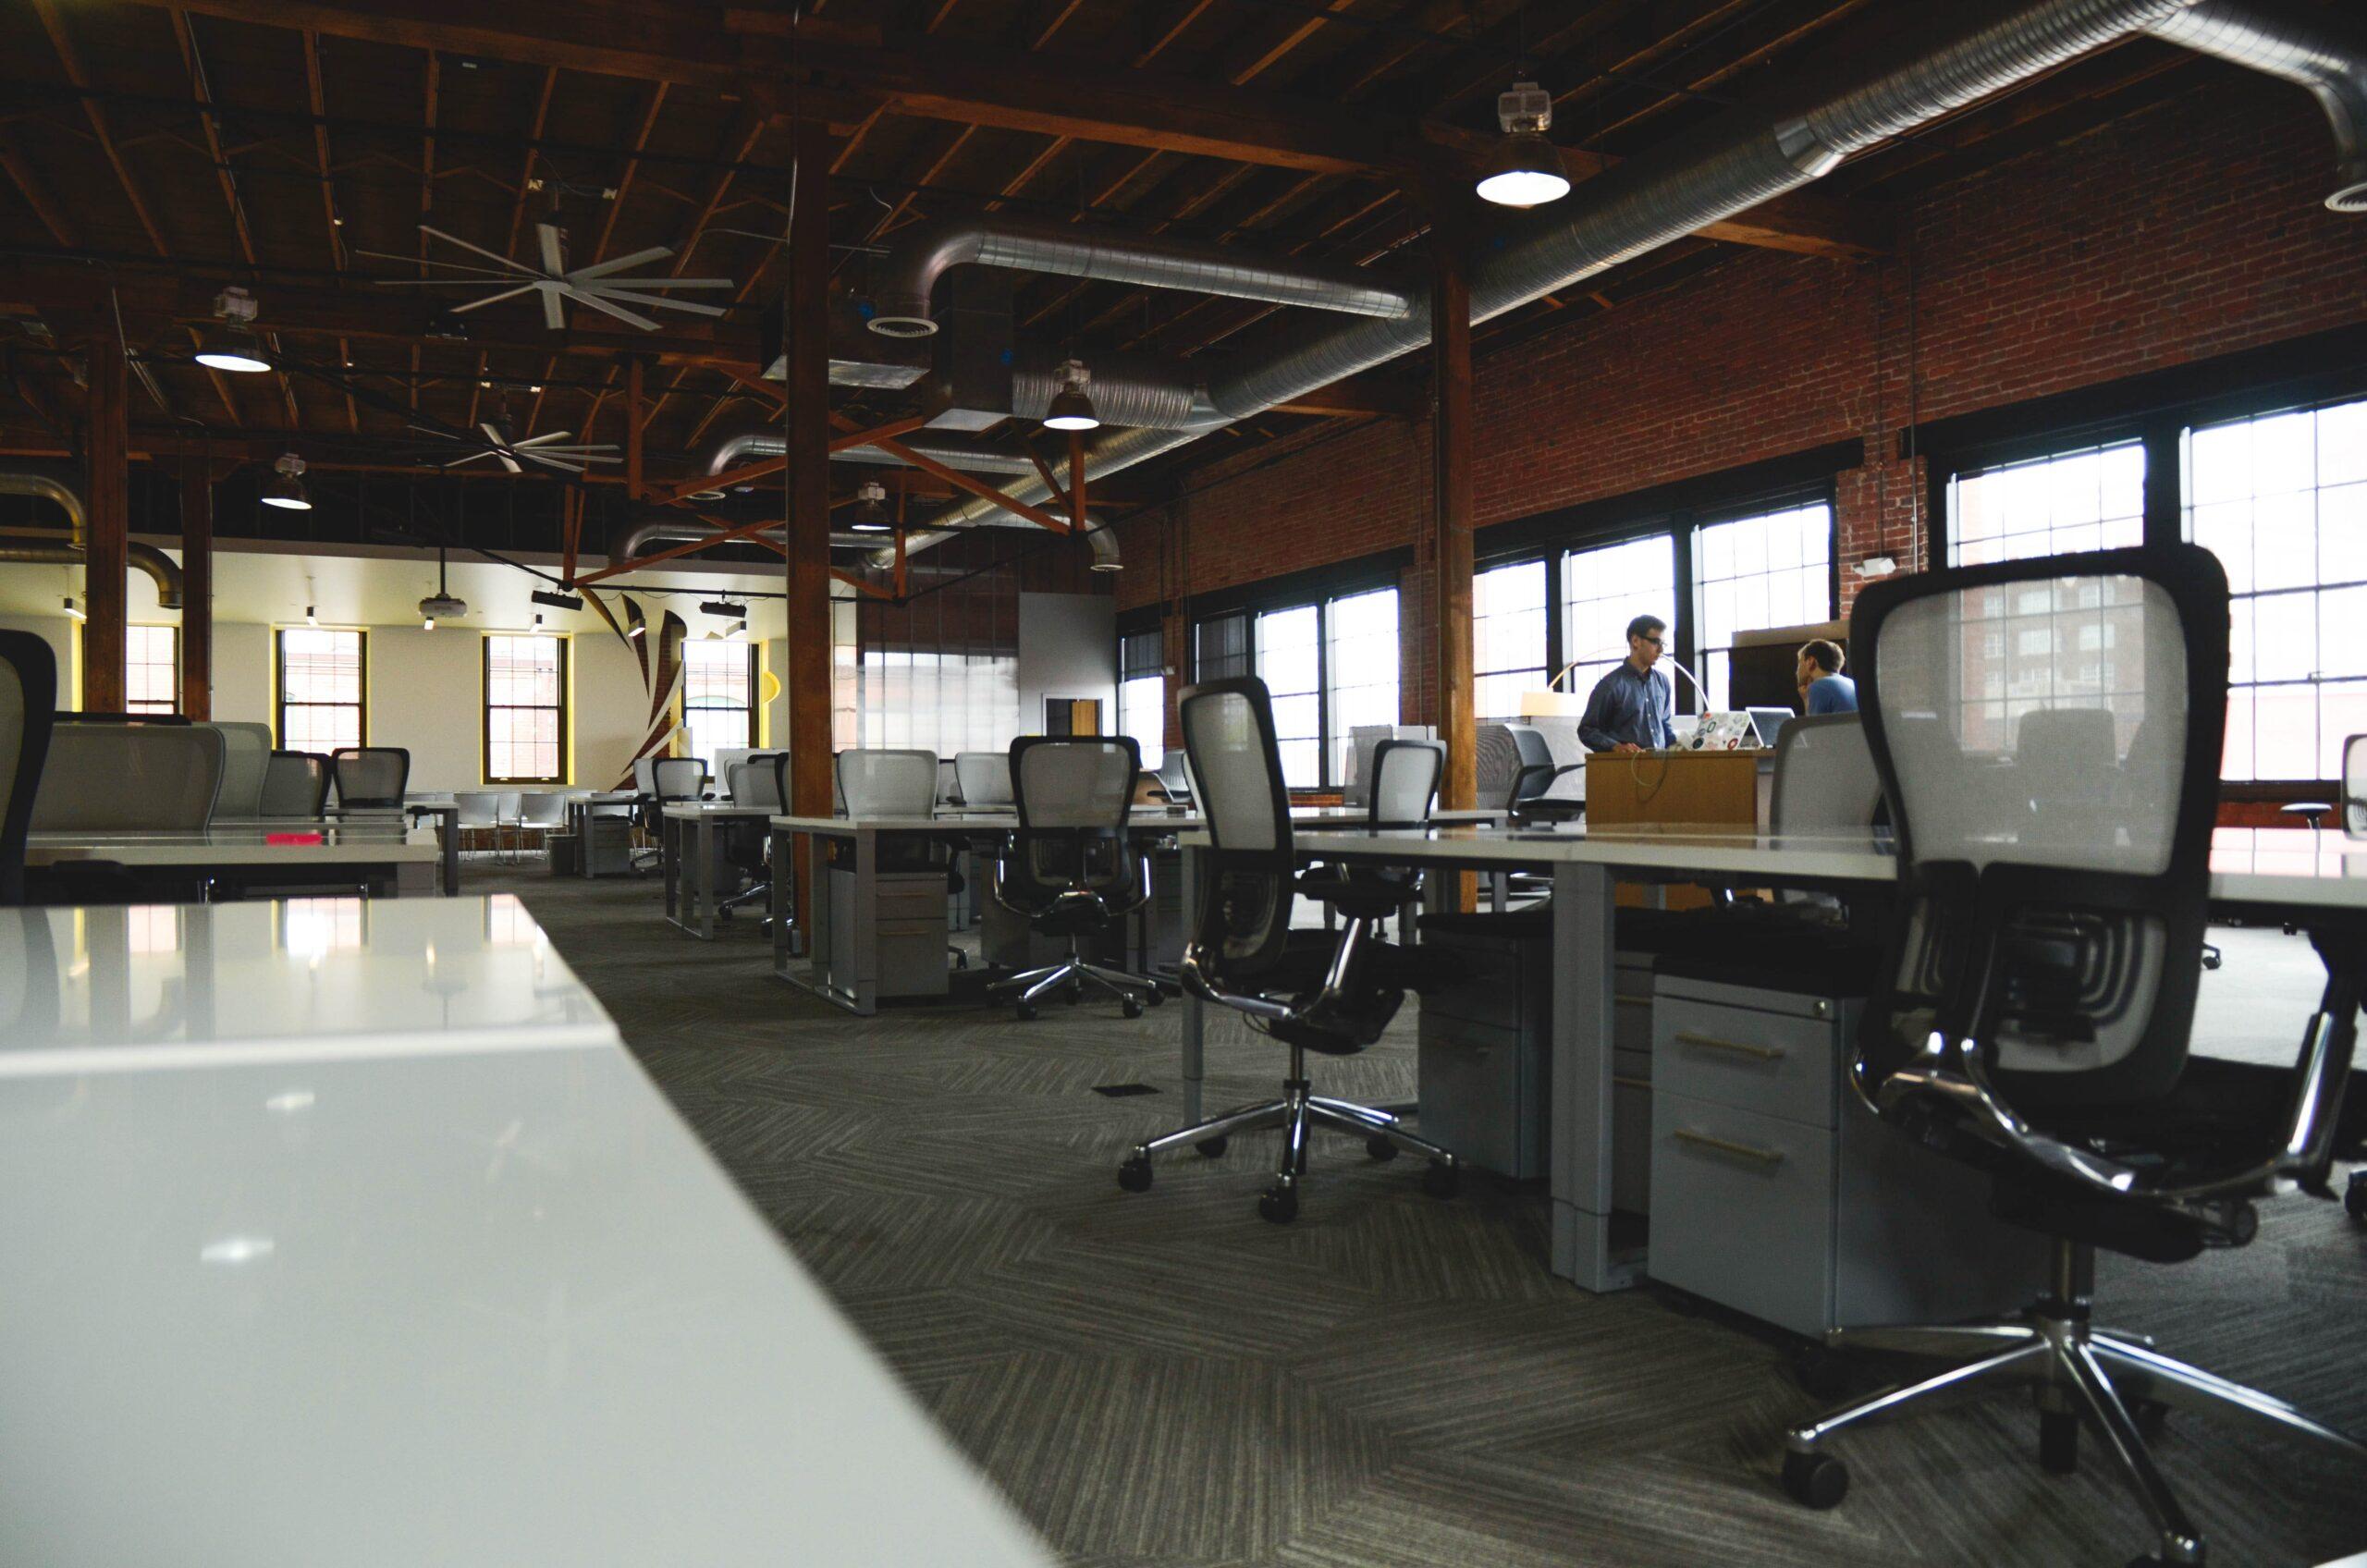 おしゃれなオフィスを実現するために②:従業員にどう過ごしてほしいのか